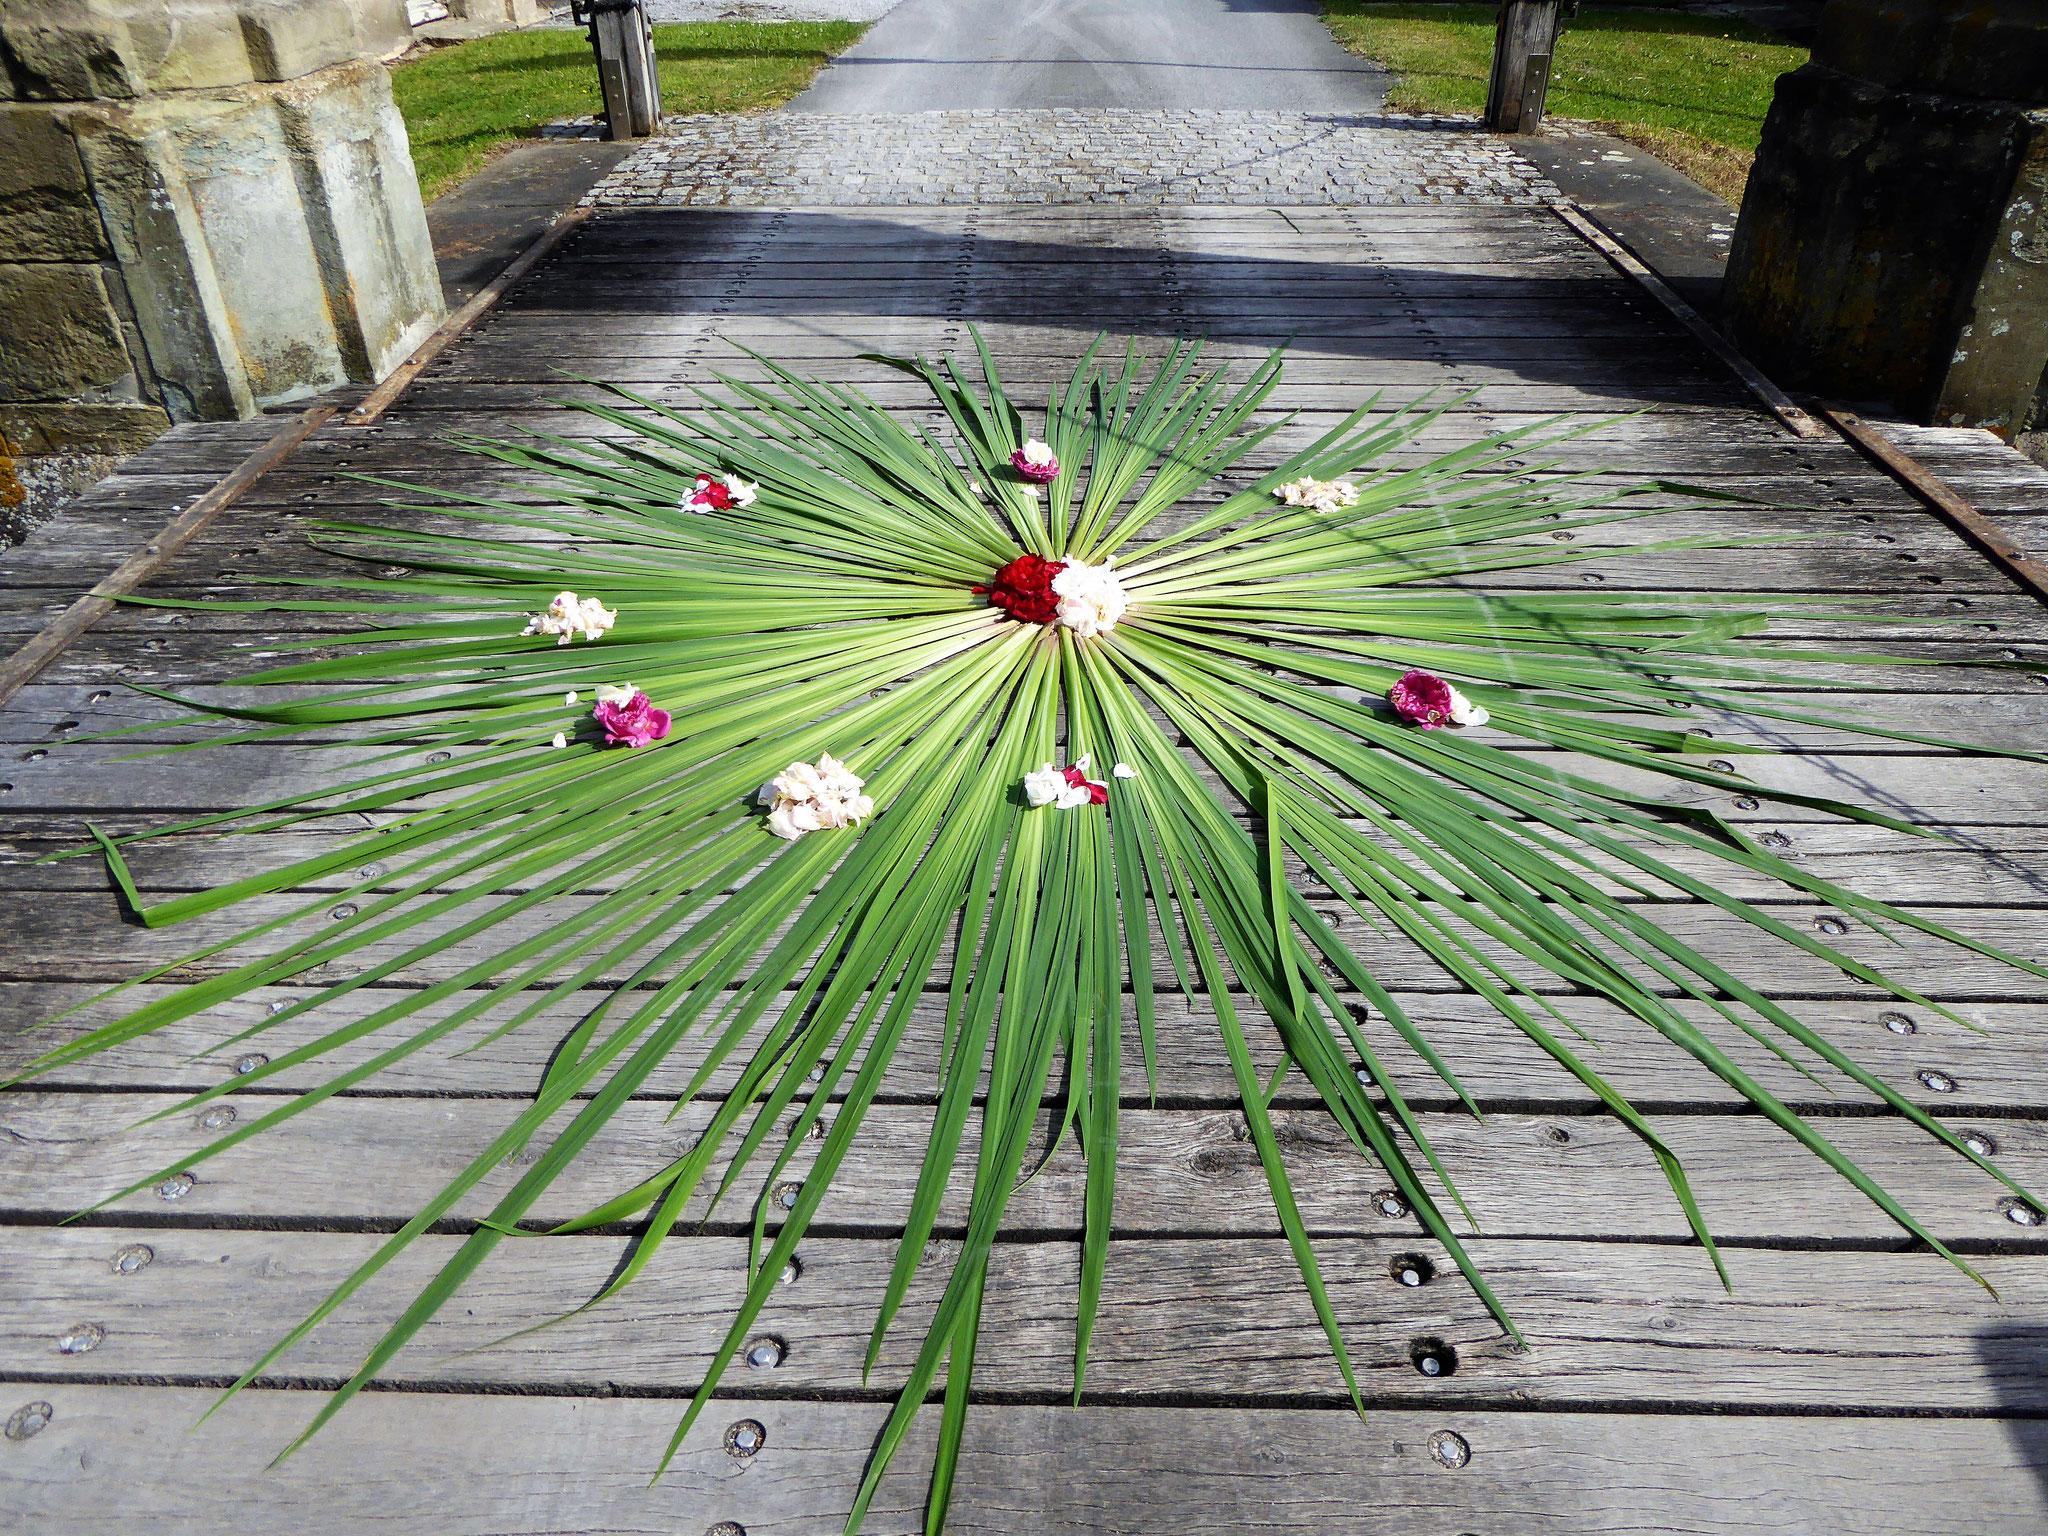 Blumenteppich auf der Schloßbrücke